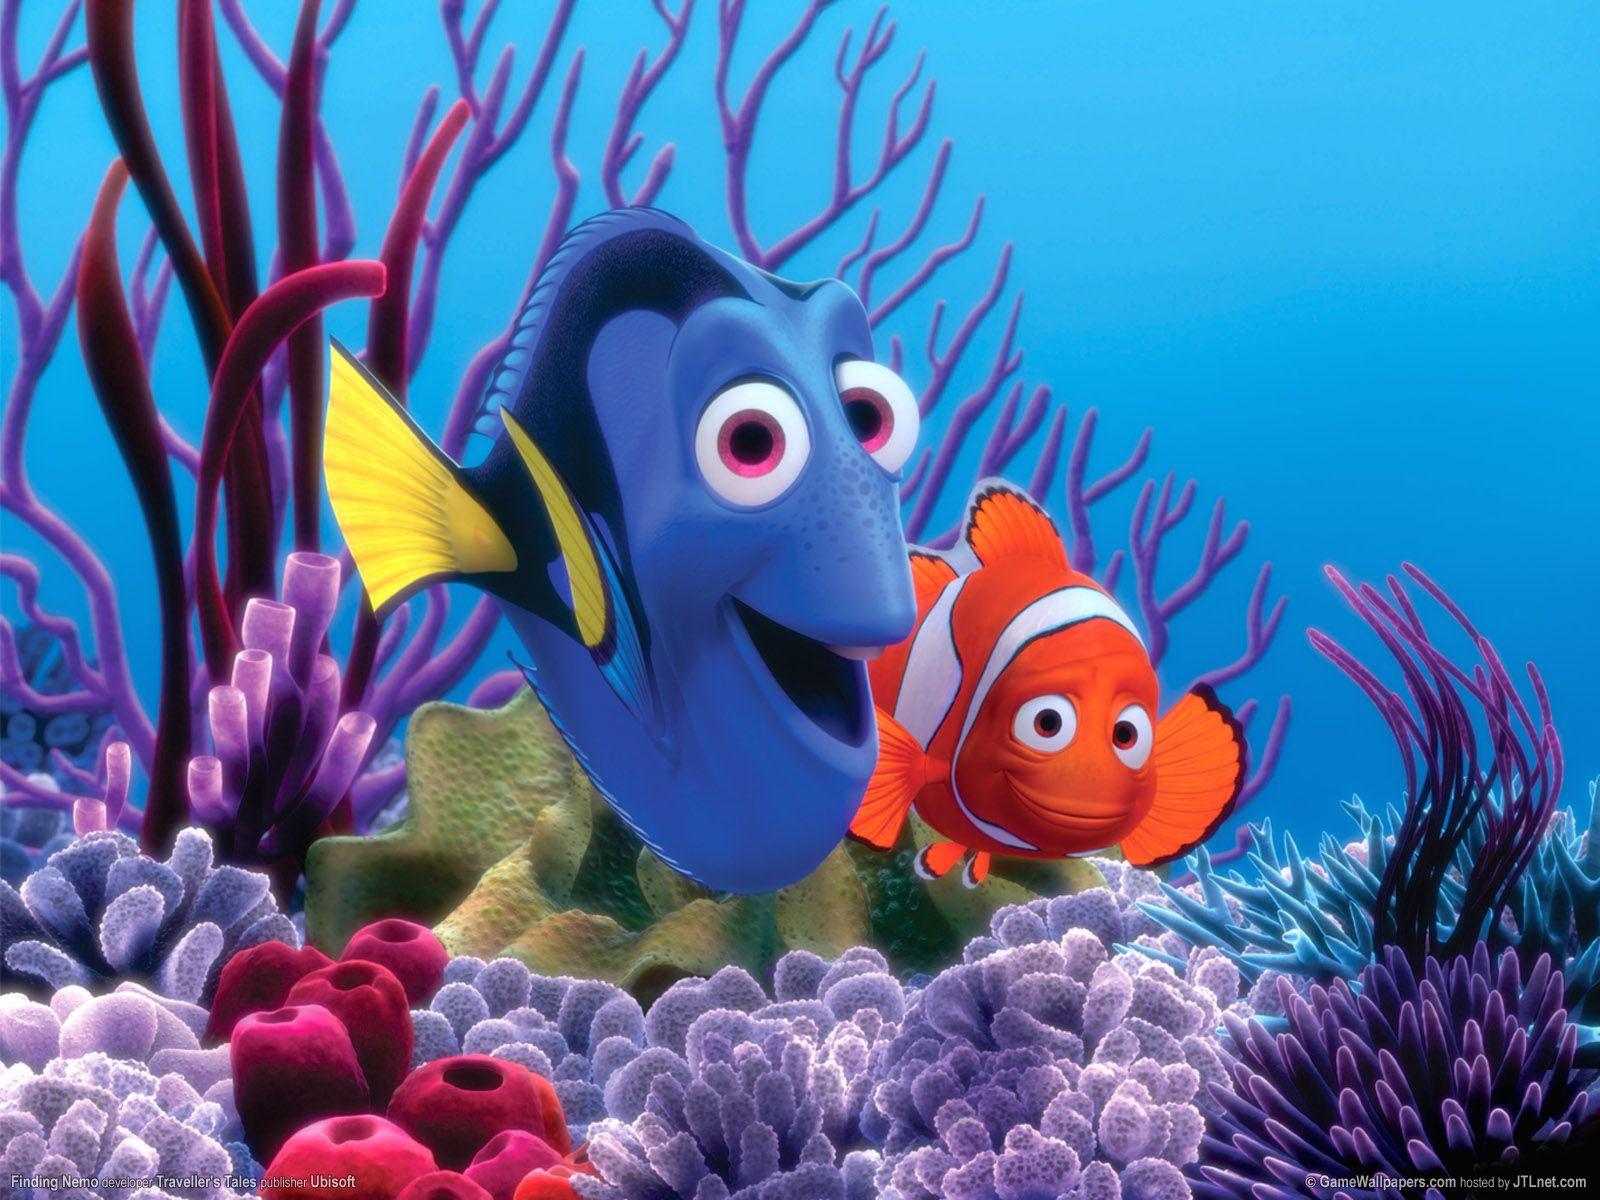 Fondos De Pantalla Animados En Hd Gratis Para Descargar 4 Hd Wallpapers Fondos De Pantalla Gratis Fondo De Pantalla Animado Buscando A Nemo